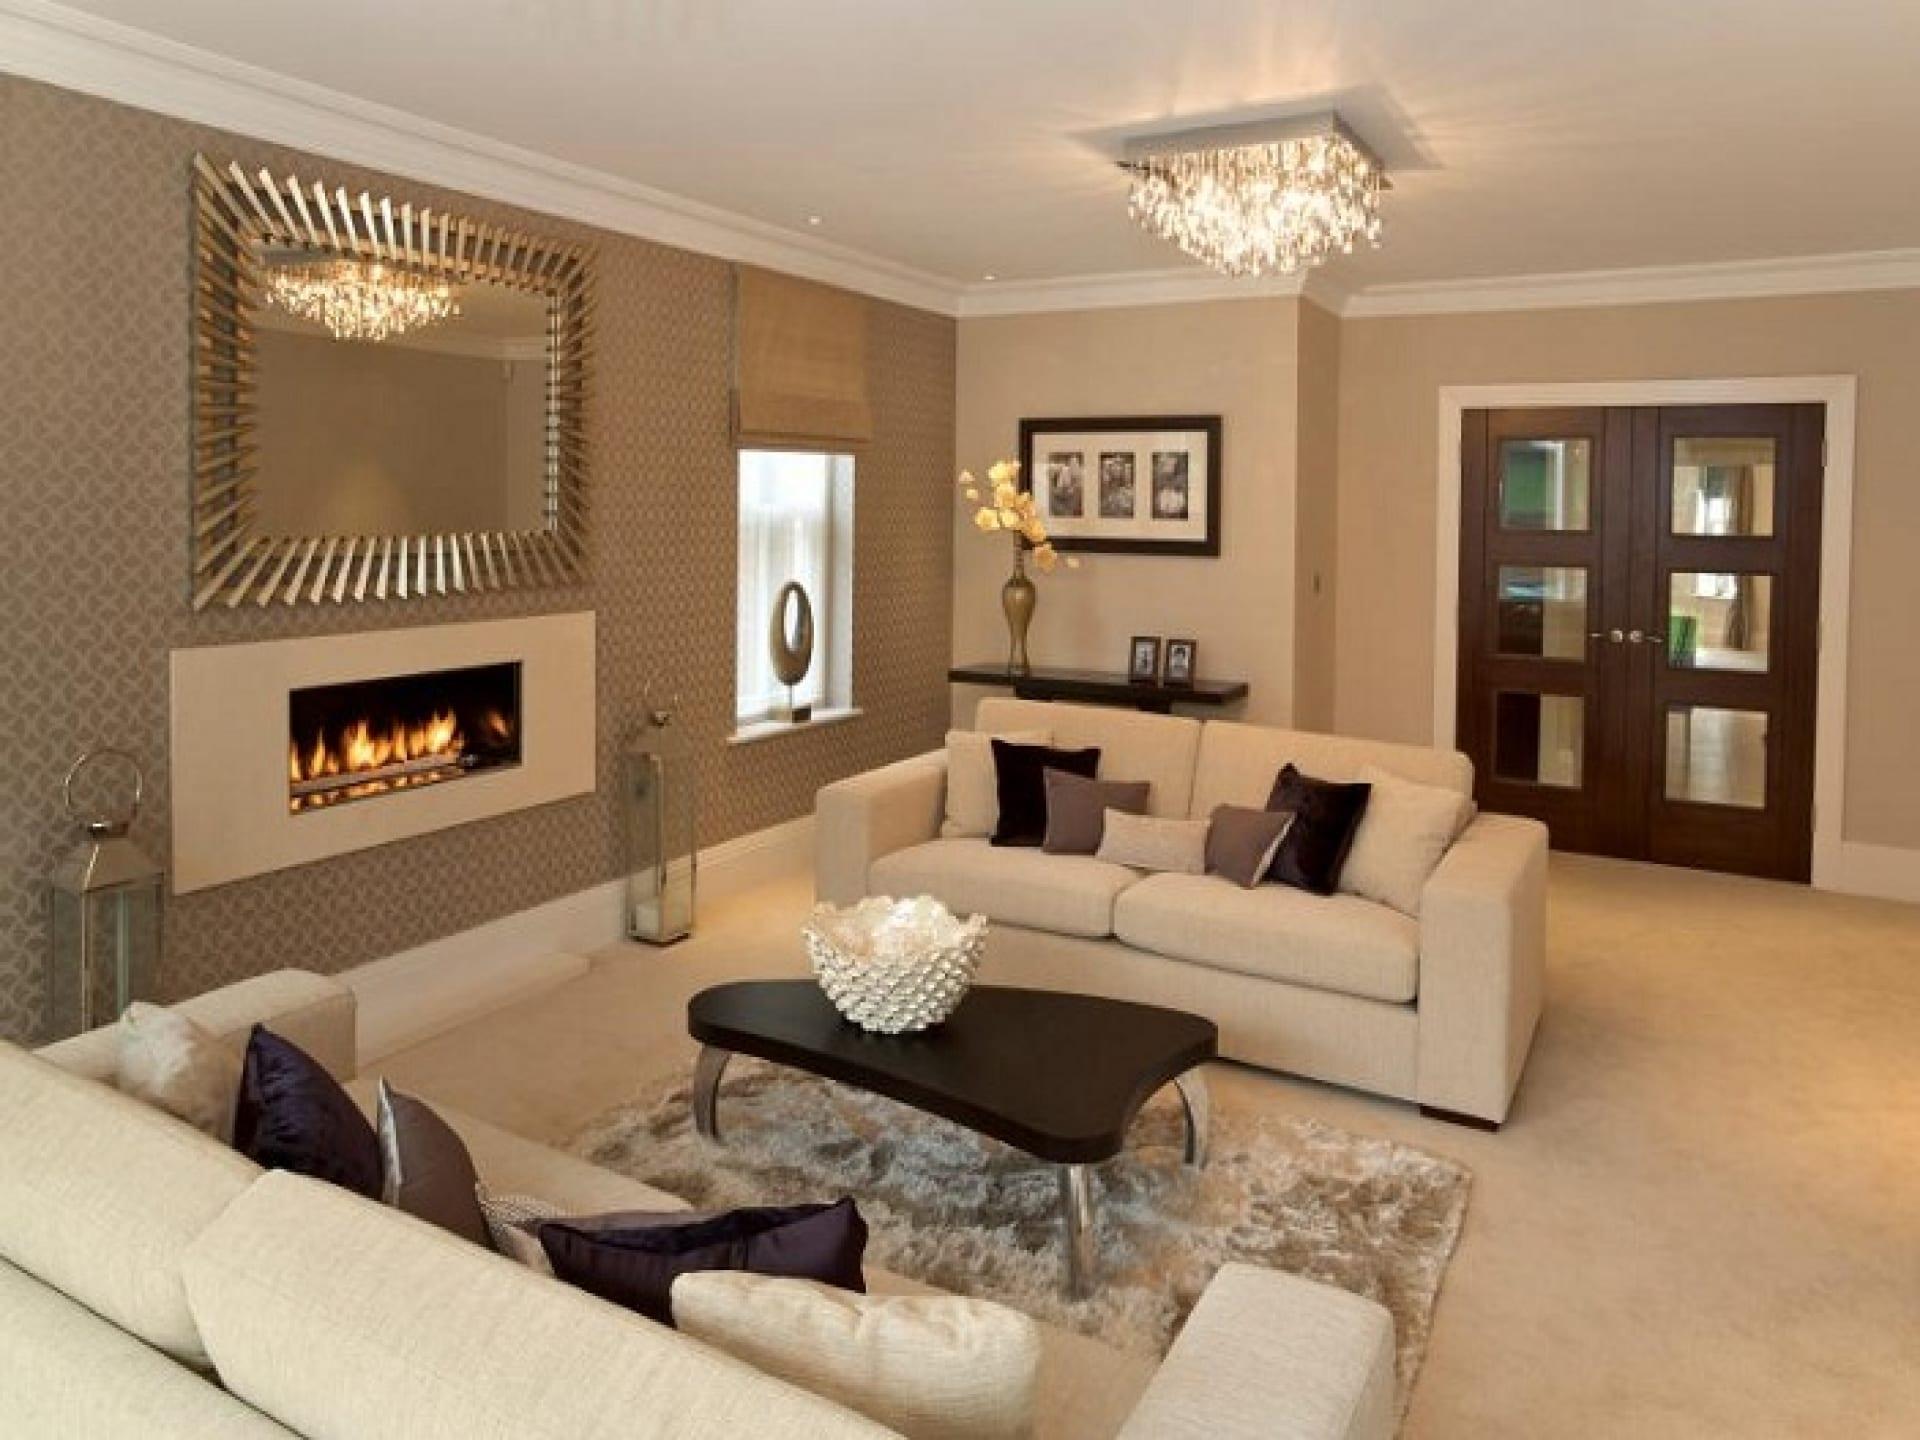 moderne wohnzimmer idee mit wandfarbe beige und coole wandgestaltung mit tapete und spiegel